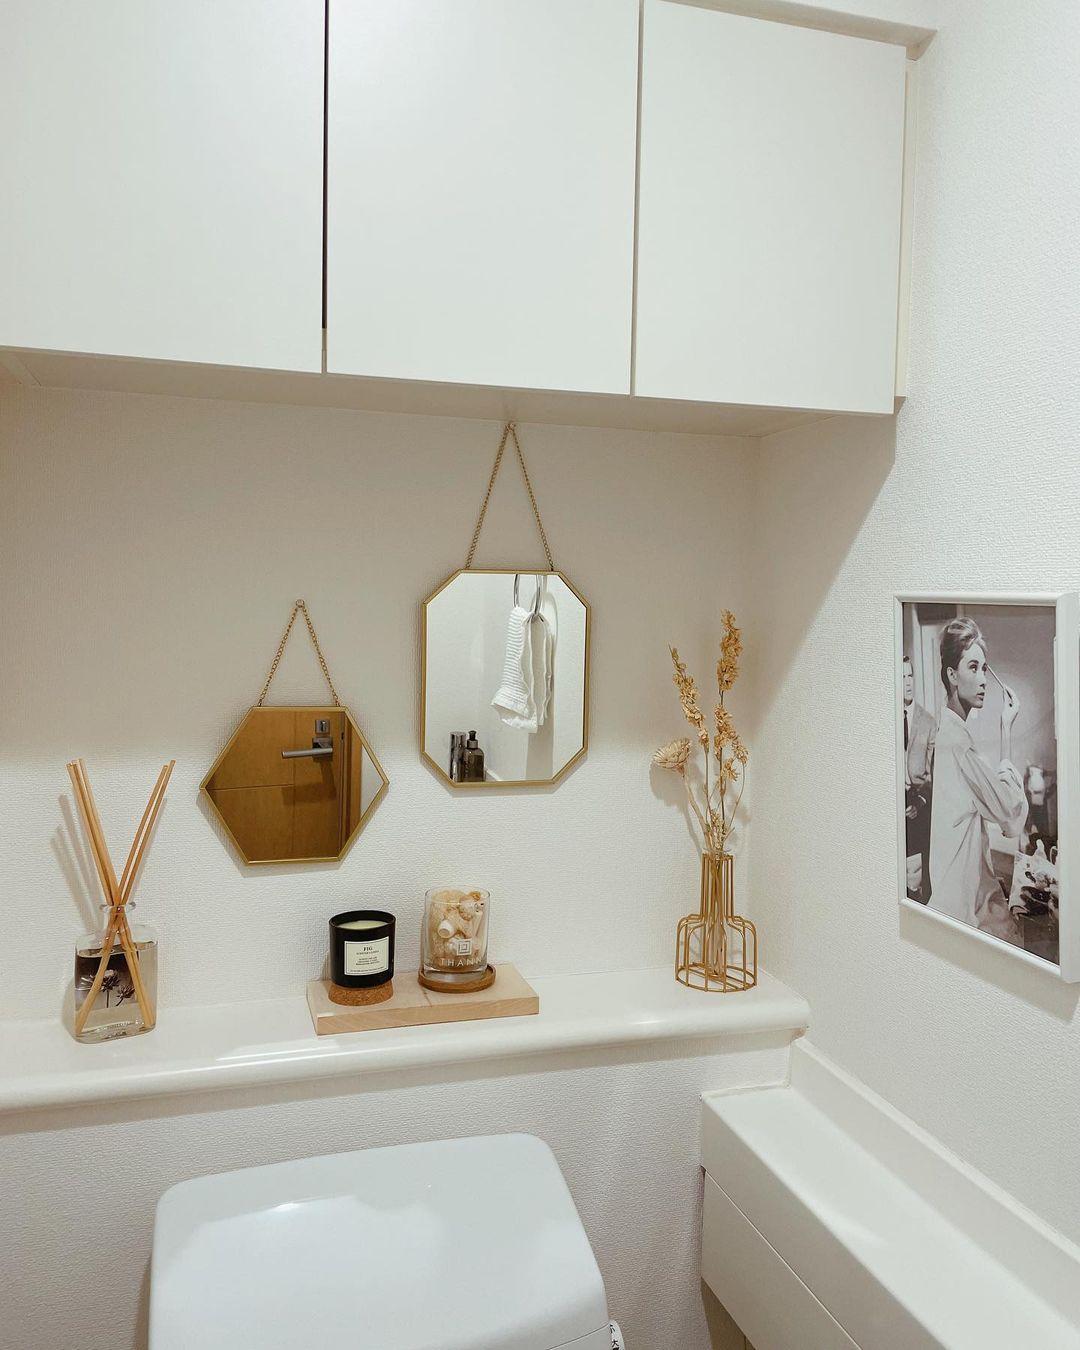 ナチュラルカラーで統一されたお部屋のトイレです。フレグランスや写真などのカラーが揃っているのでスッキリとした印象に。また、ミラーがあると奥行きが生まれ、少し広く感じますね。(このお部屋を見る)